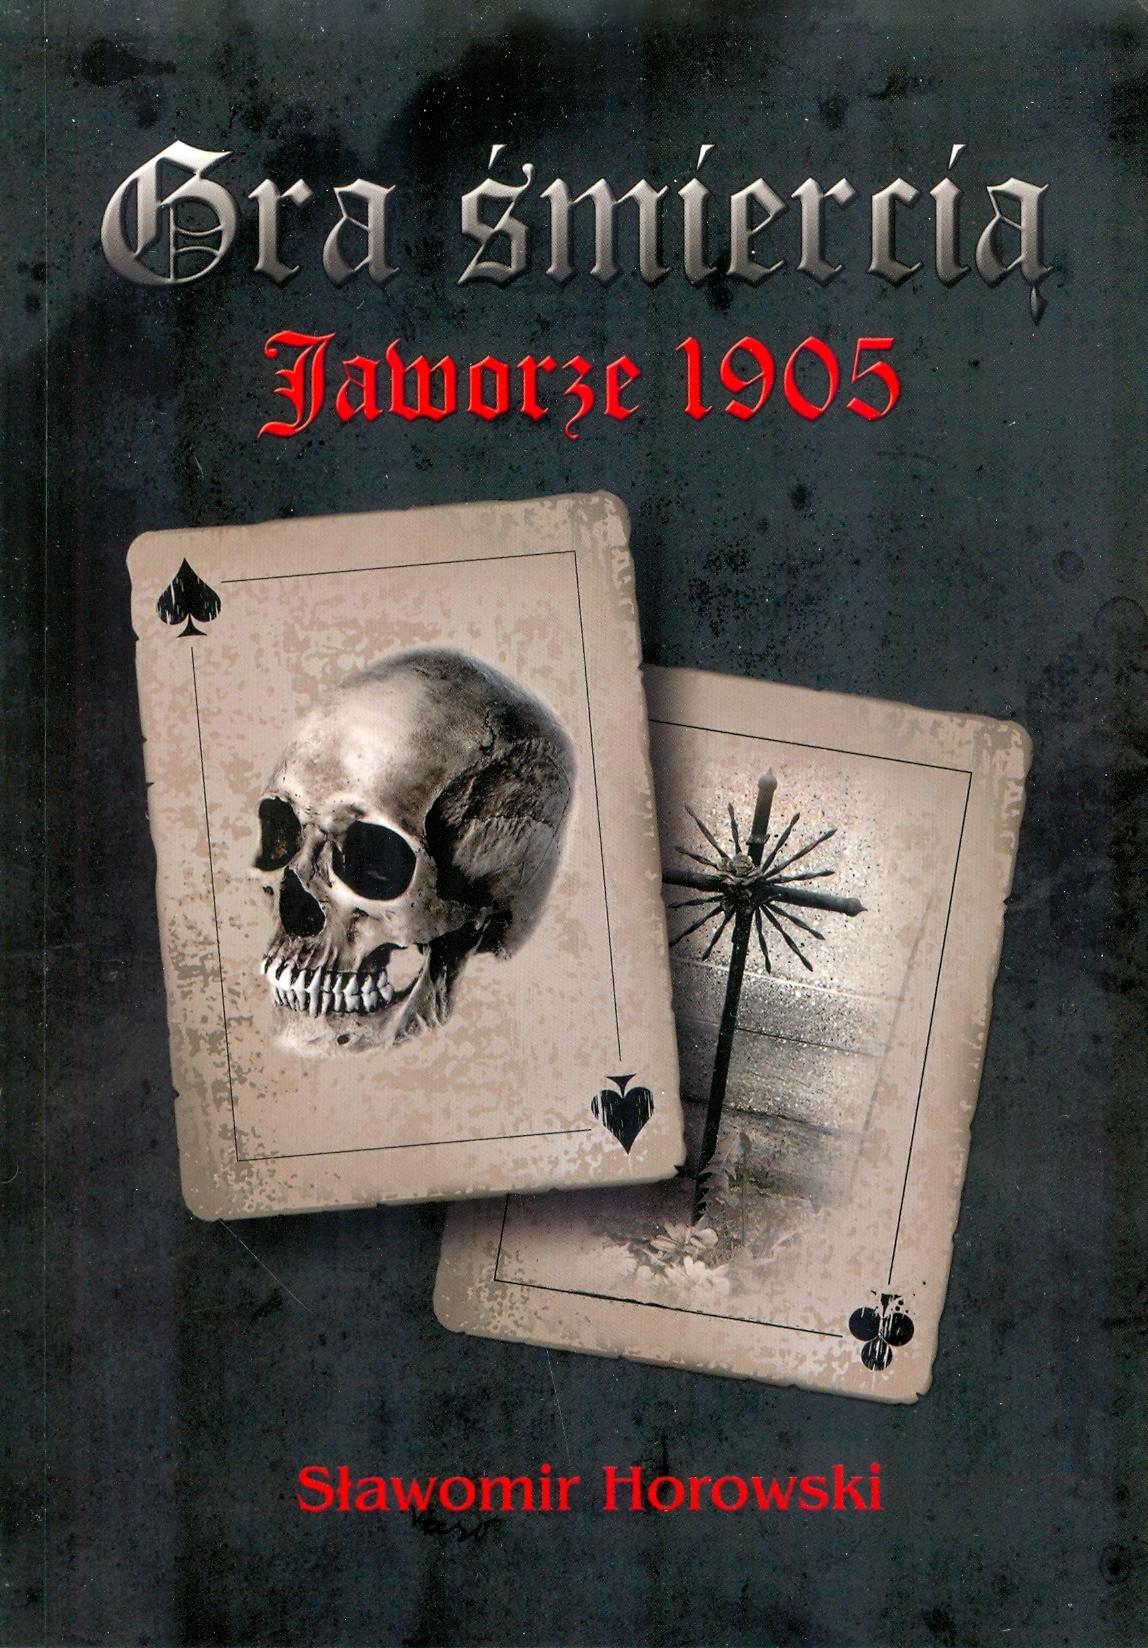 Detektív retro Hra smrti Jaworze 1905 Horowski